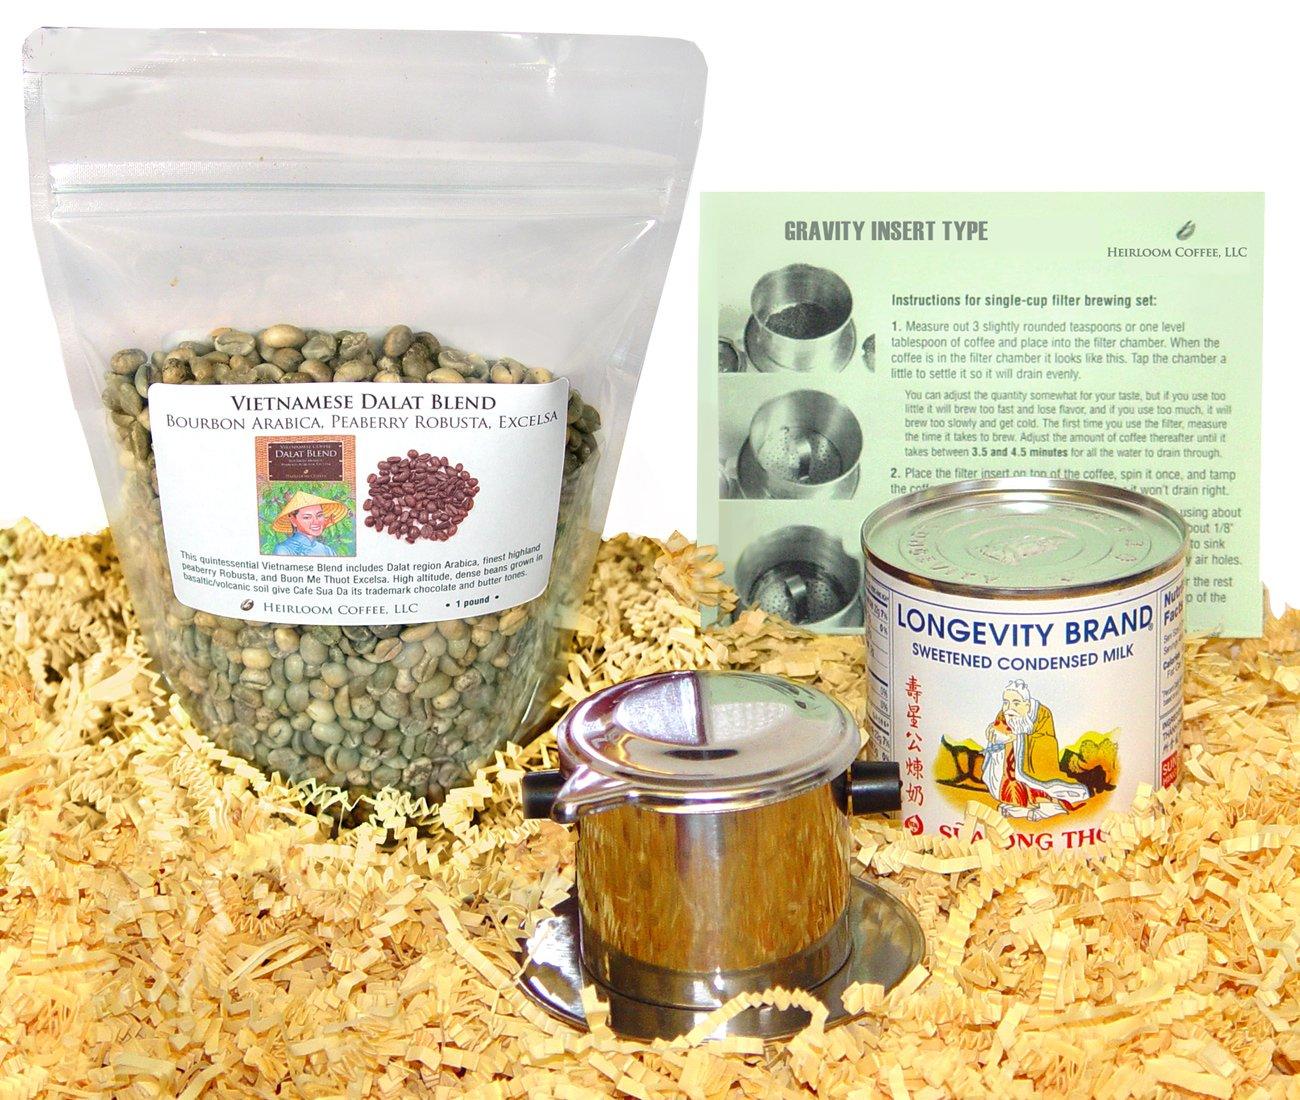 Vietnamese Unroasted Coffee Kit (3 LB Dalat Blend) by Len's Coffee